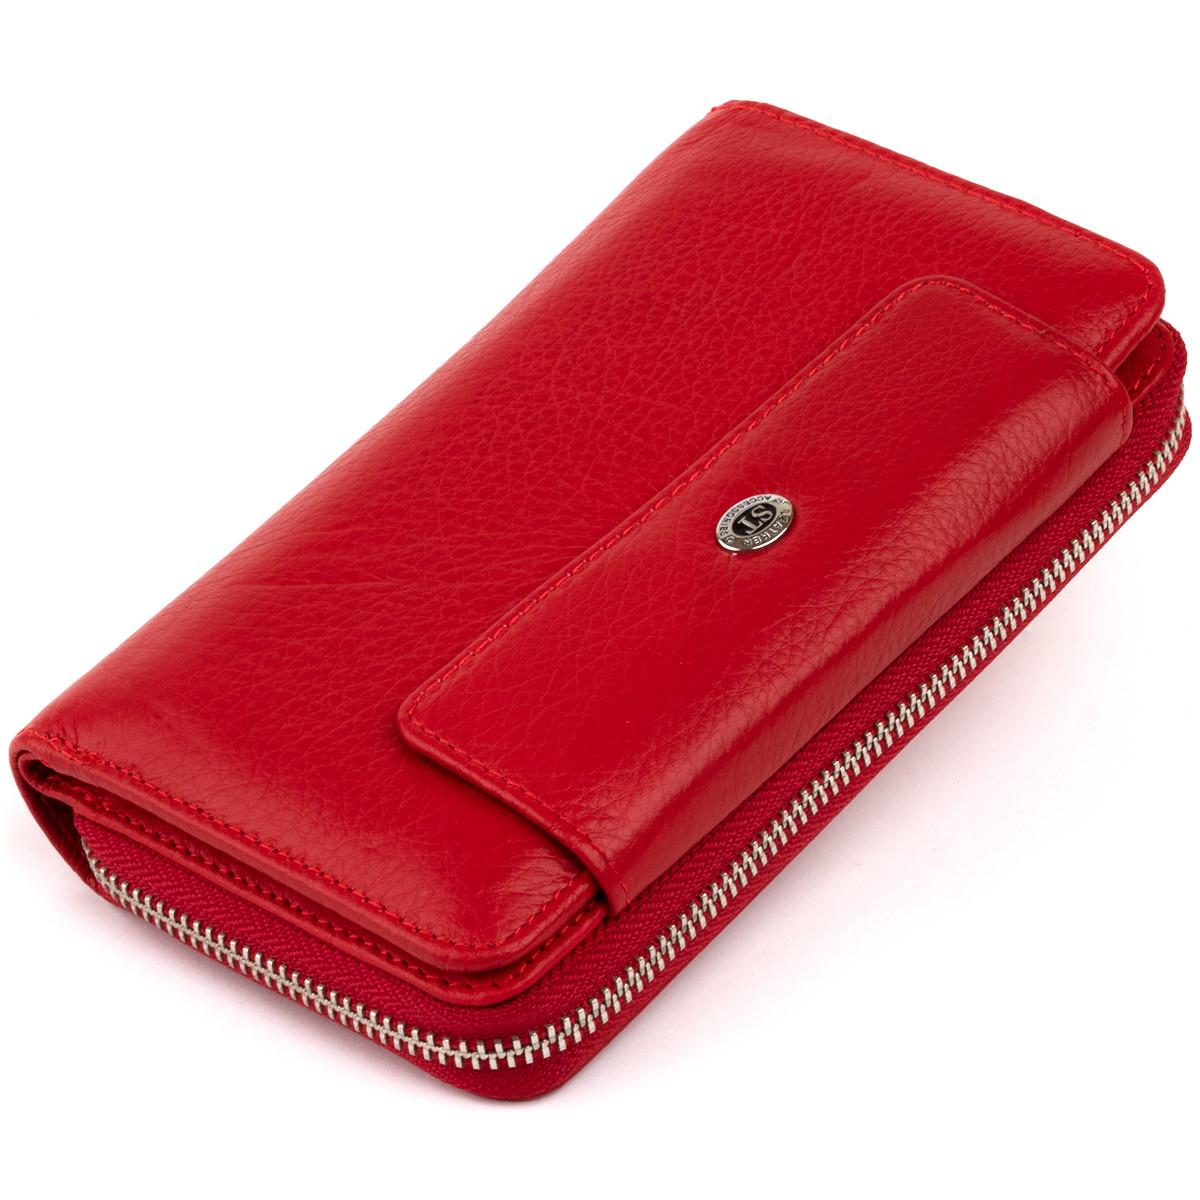 Гаманець зі шкіри на засувці ST Leather 19343 Червоний